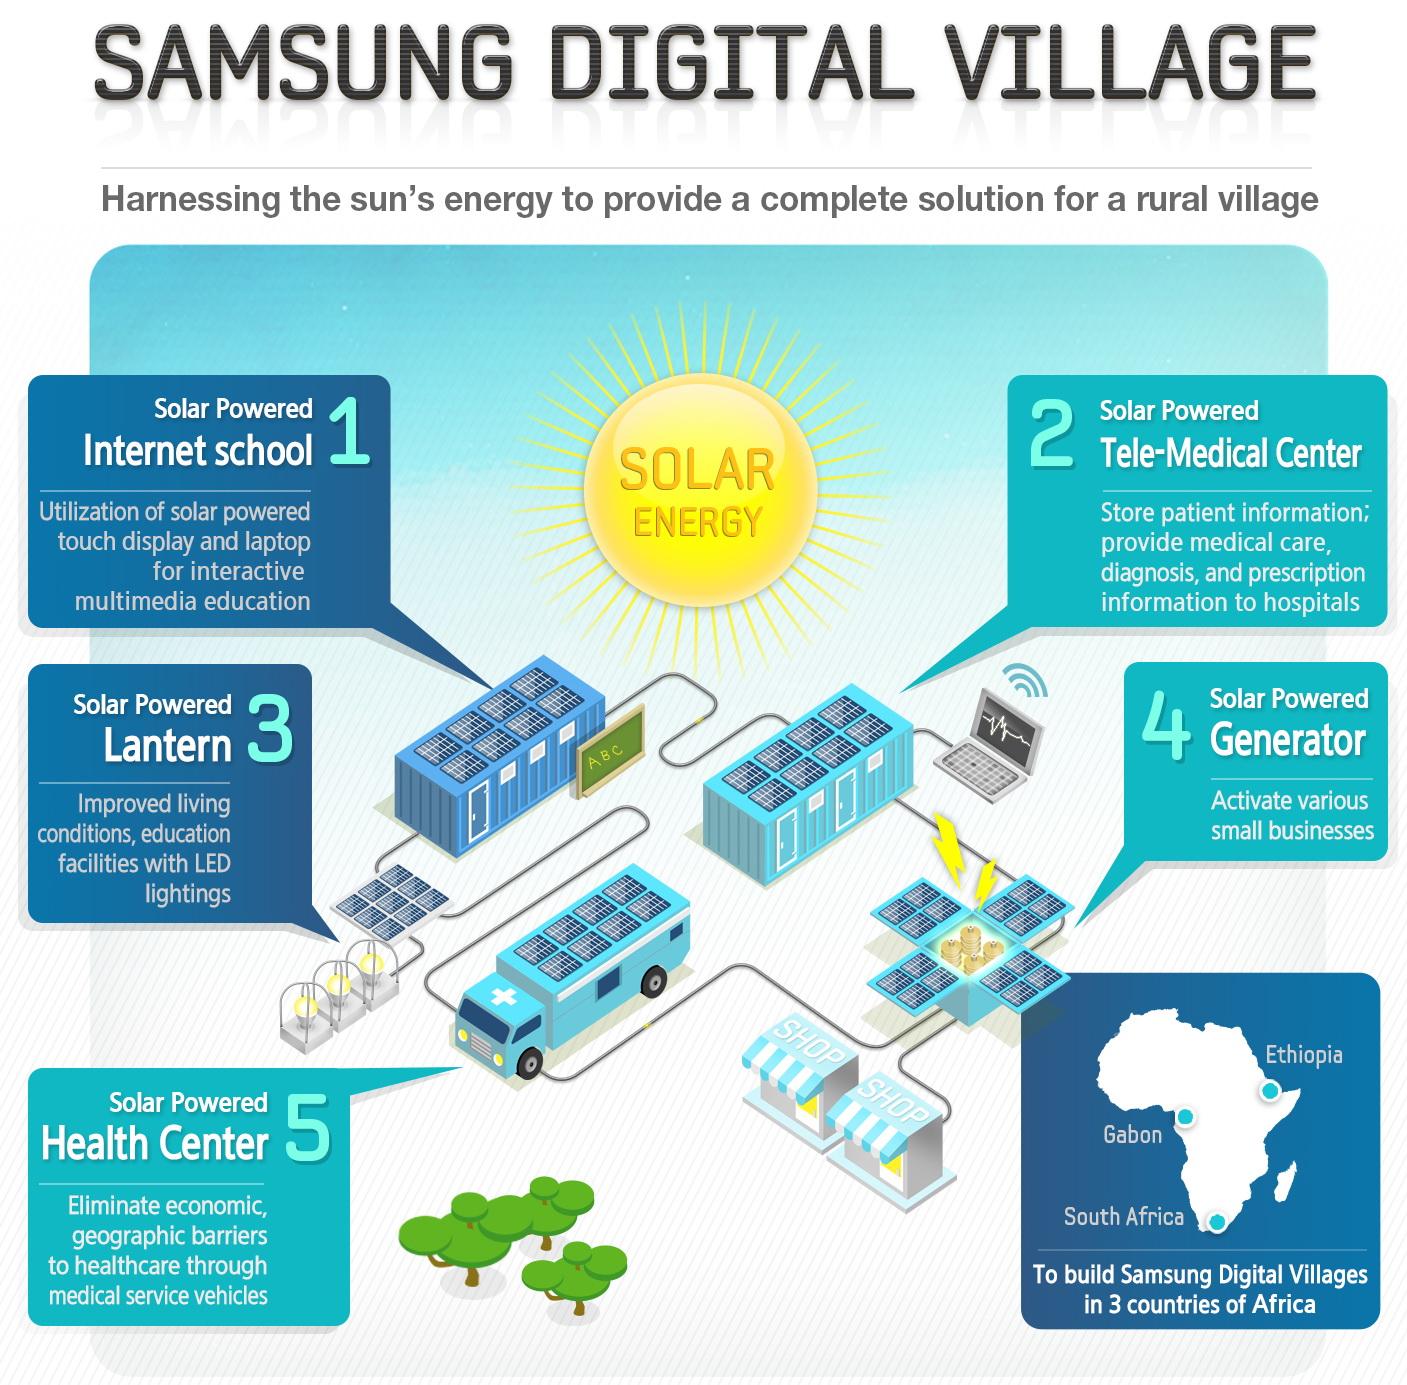 Пост добра: Samsung продолжает осваивать солнечную энергию для создания автономной «Цифровой деревни» в Африке